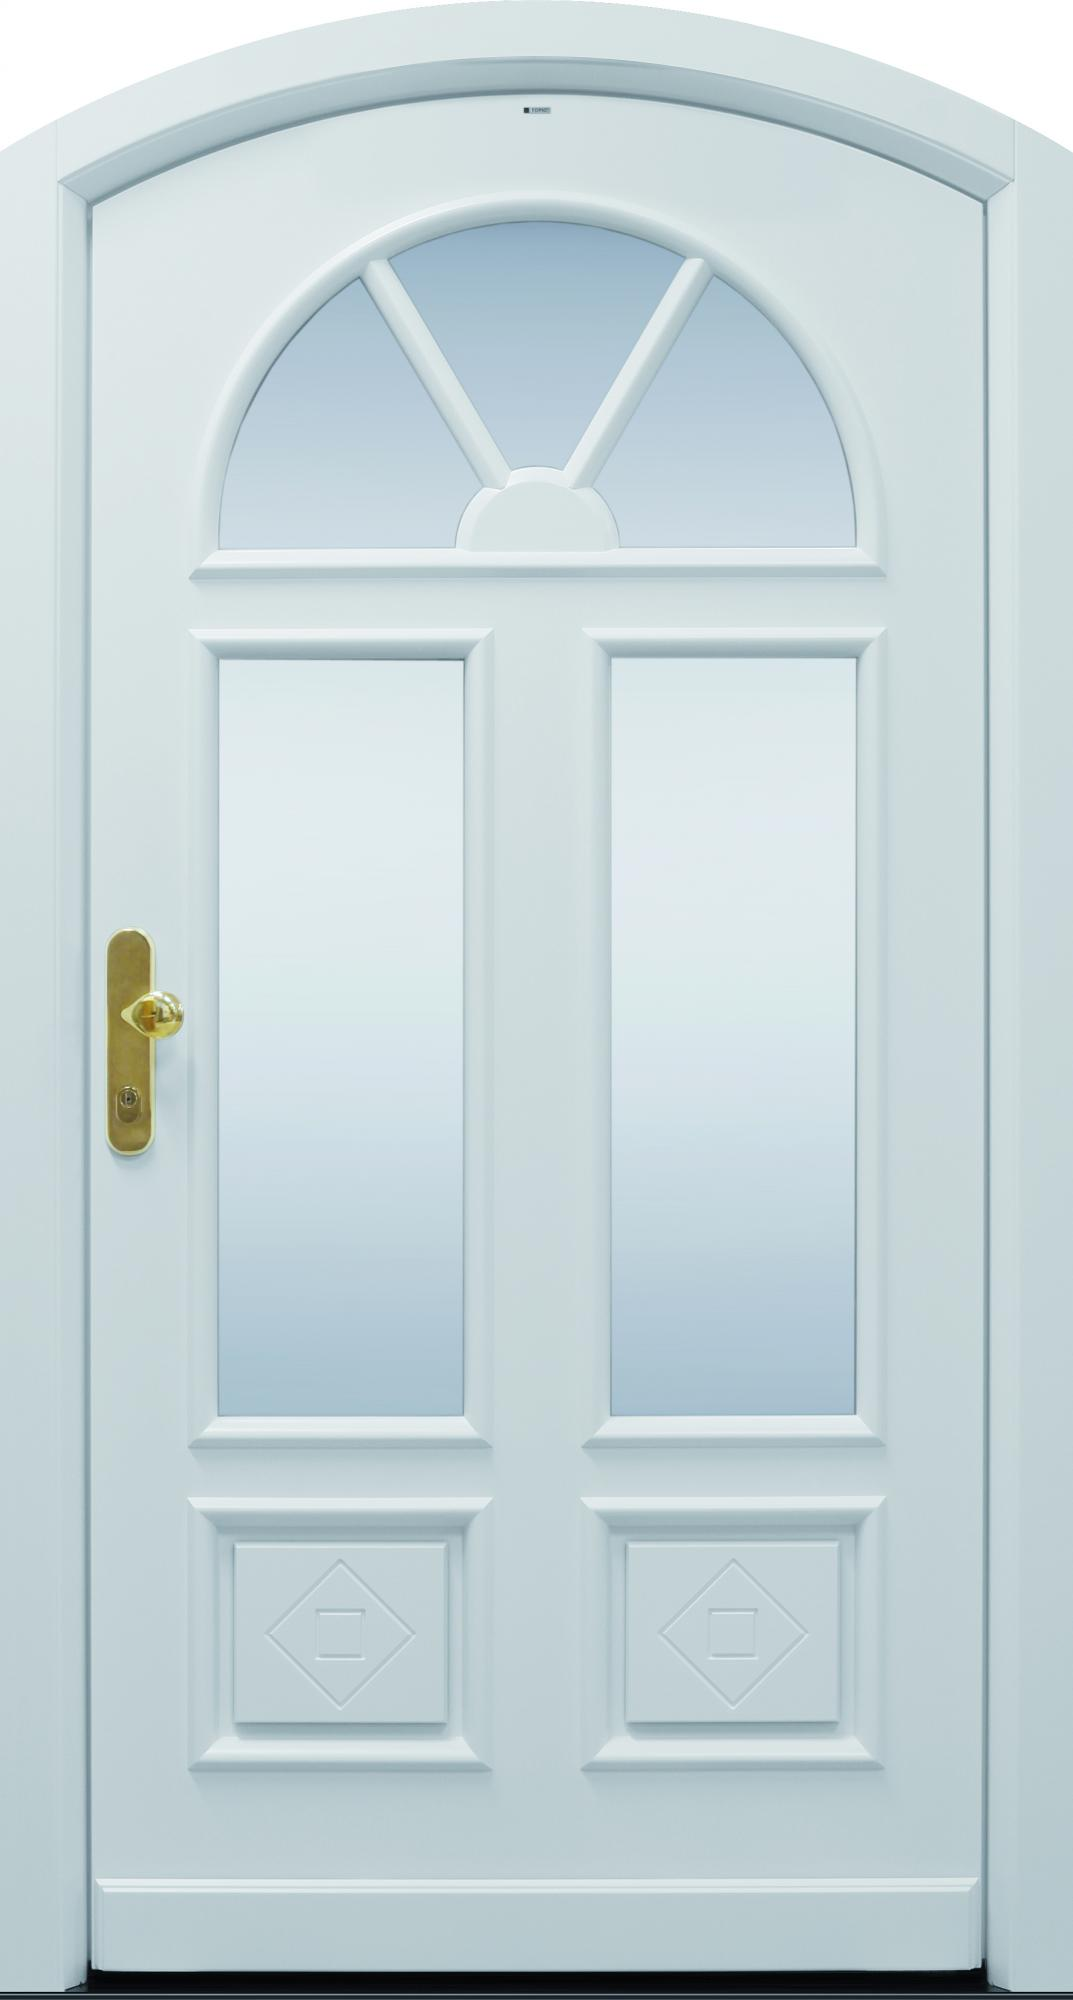 Haustür landhaus weiß  TOPIC - Haustüren von Meisterhand TOPIC - die Türenmanufaktur